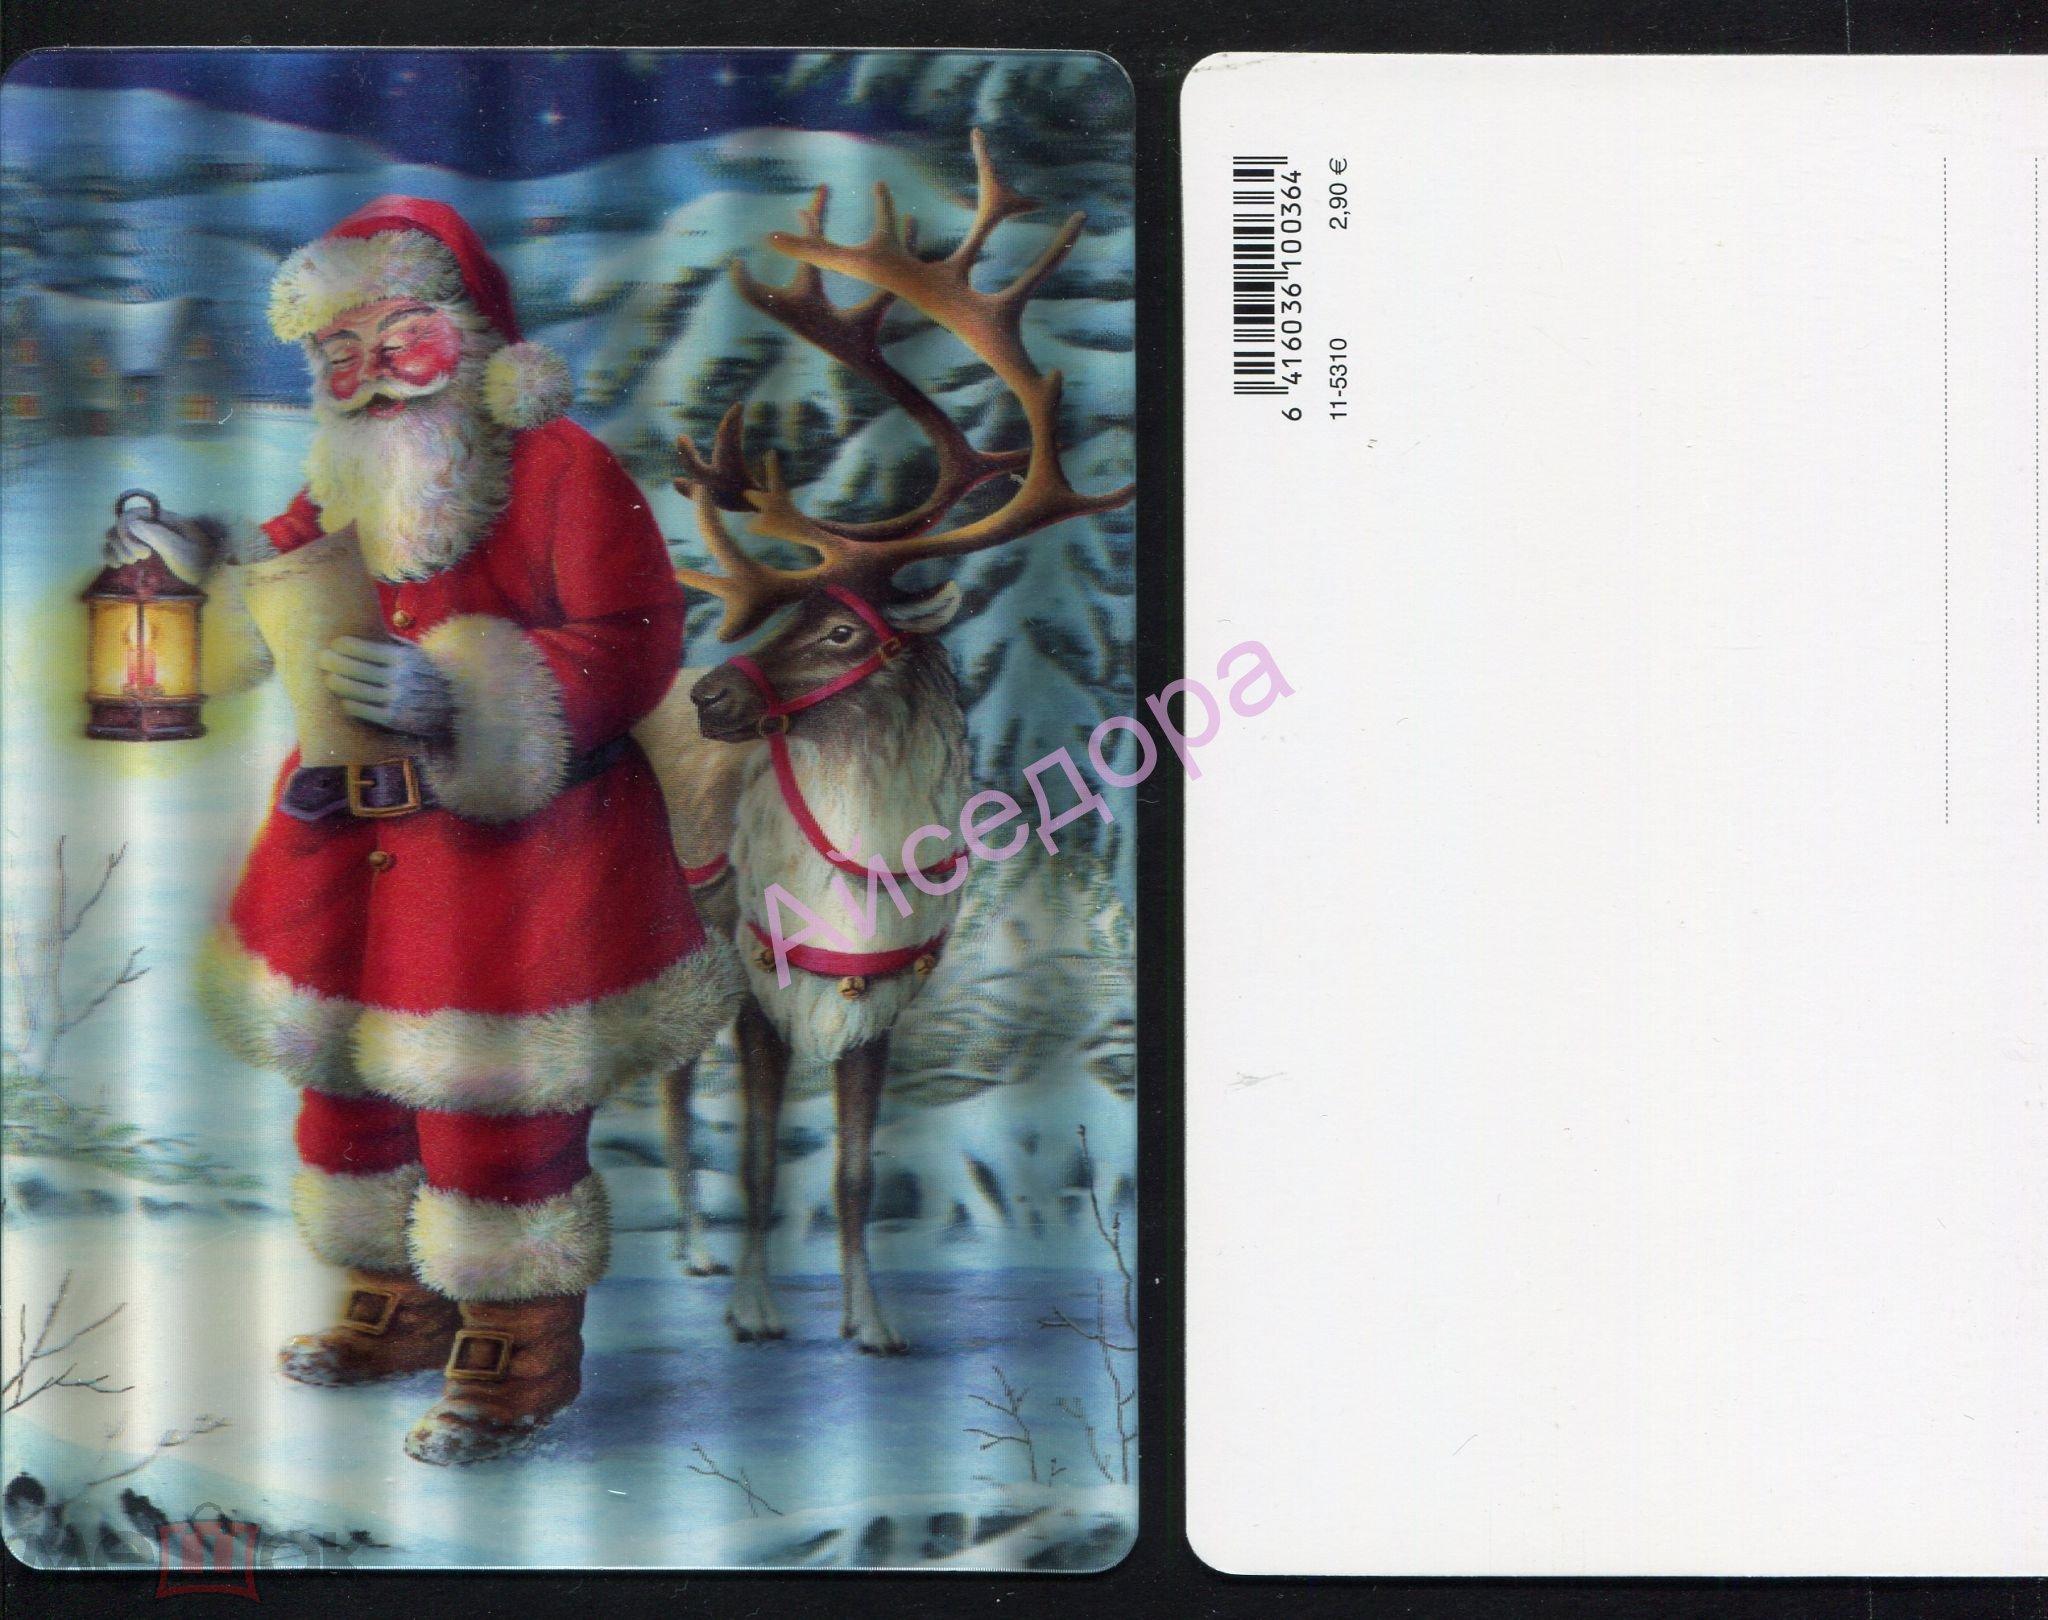 Картинка, отправлю открытку из финляндии